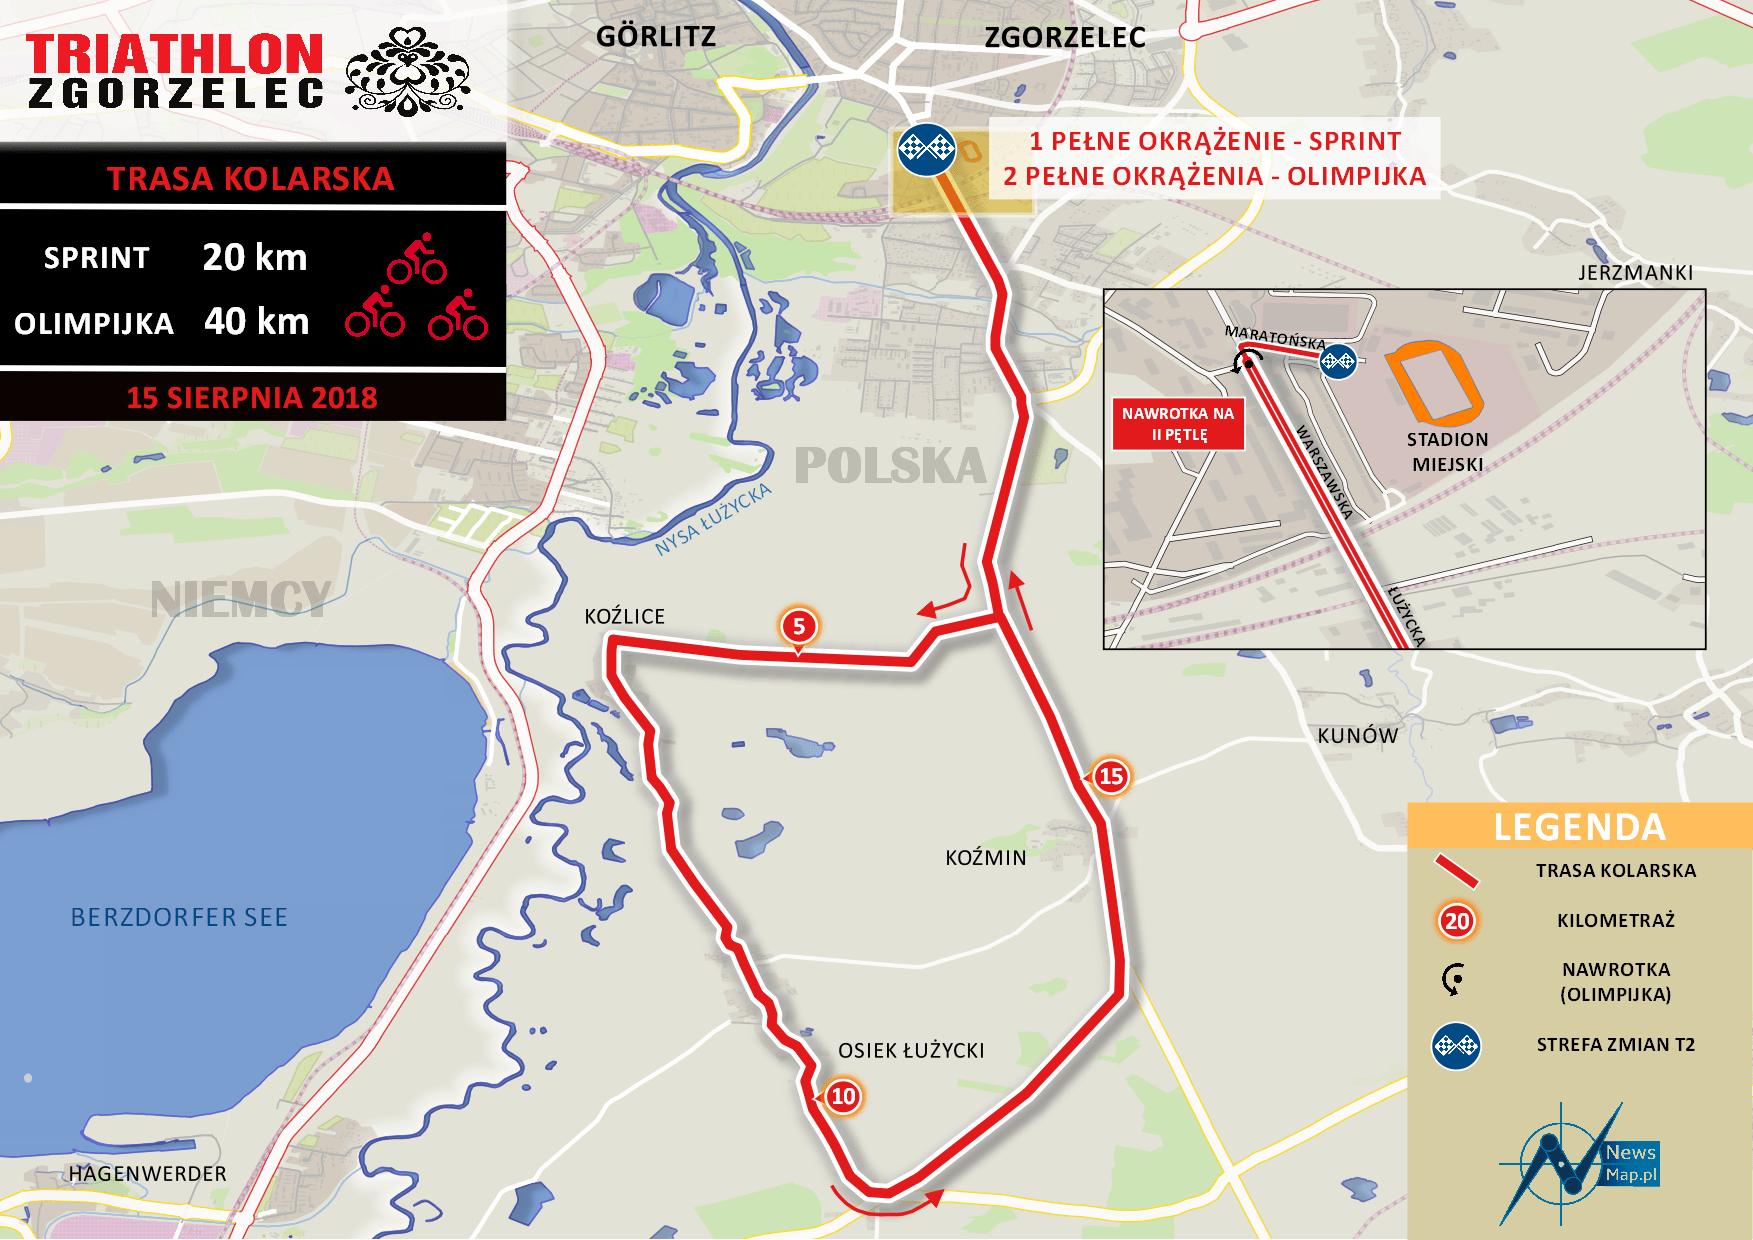 Triathlon Zgorzelec 2018 - rower (mniejsza rozdzielczość - FB)